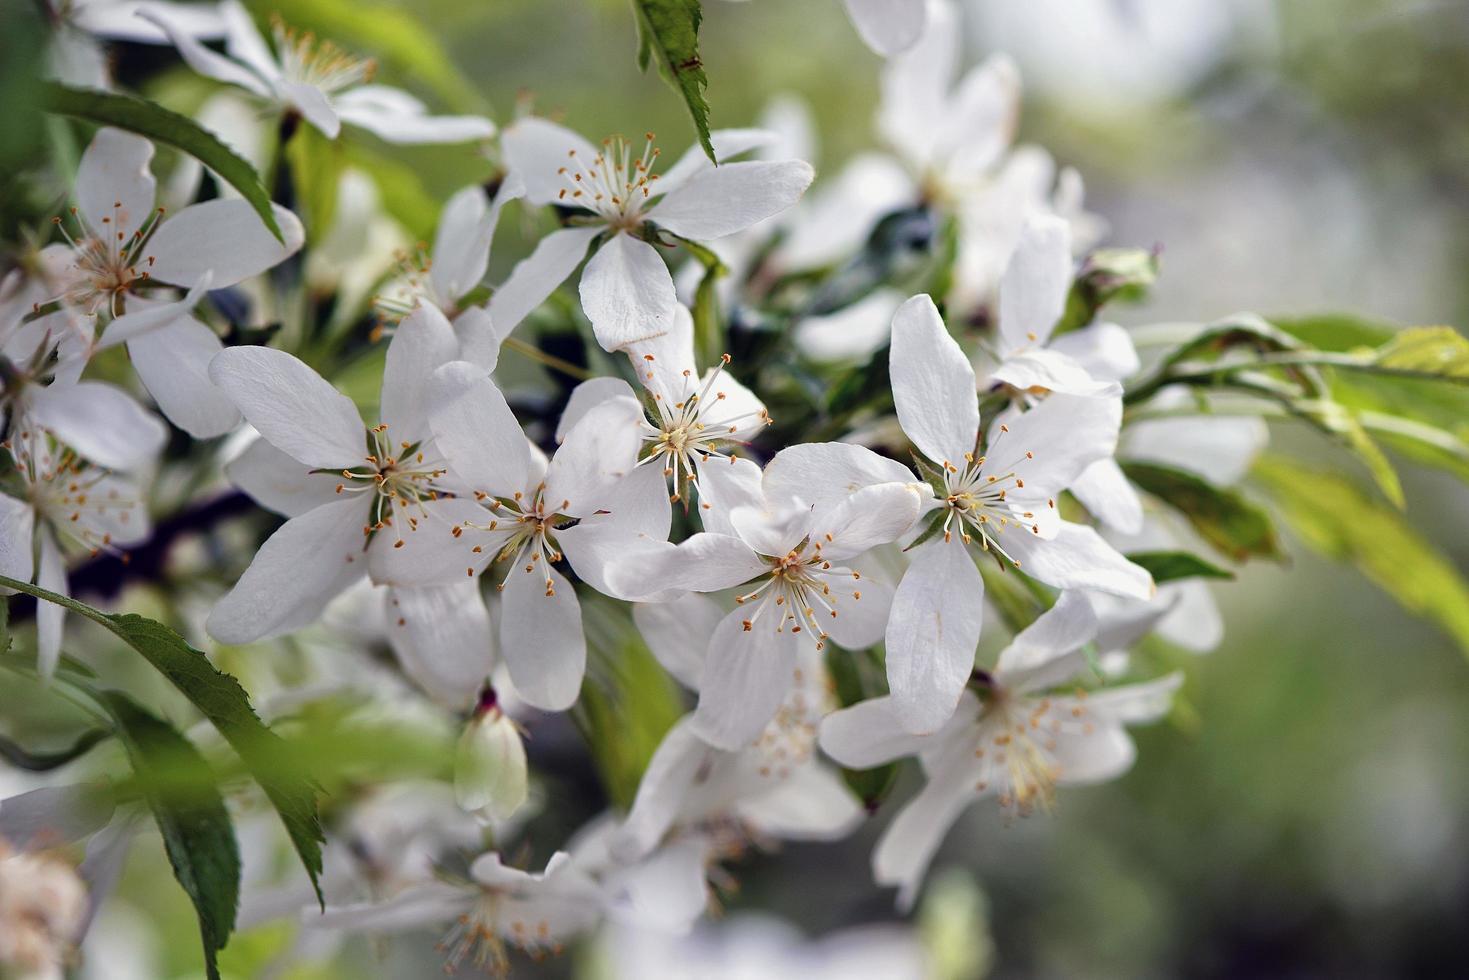 belles fleurs blanches dans le jardin photo